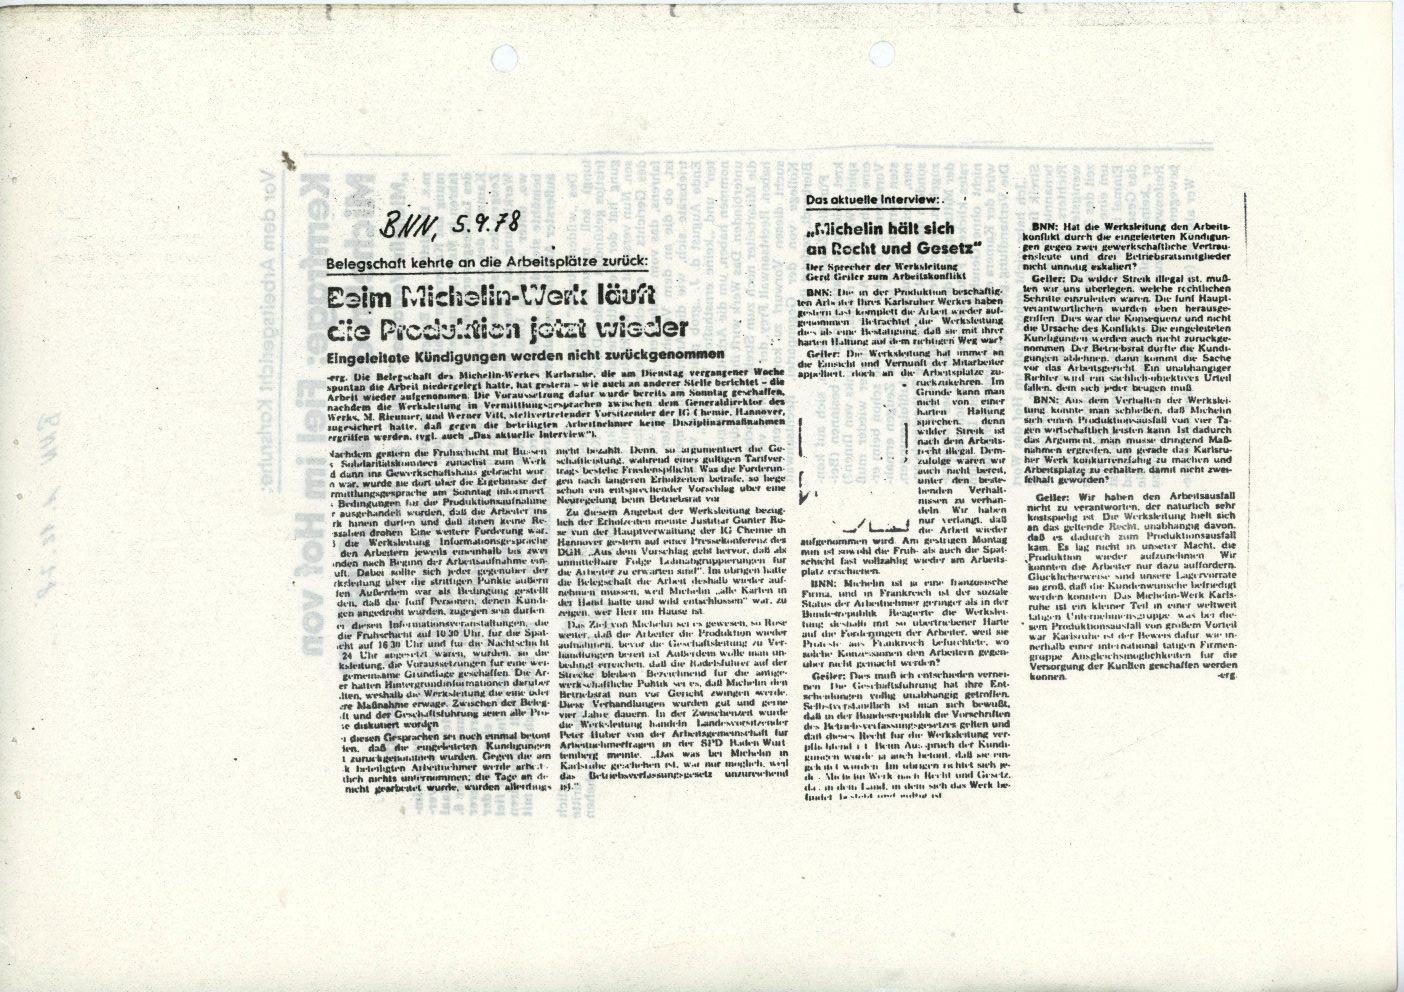 Karlsruhe_Michelin_IGCPK_Doku_zum_Arbeitskonflikt_1978_46